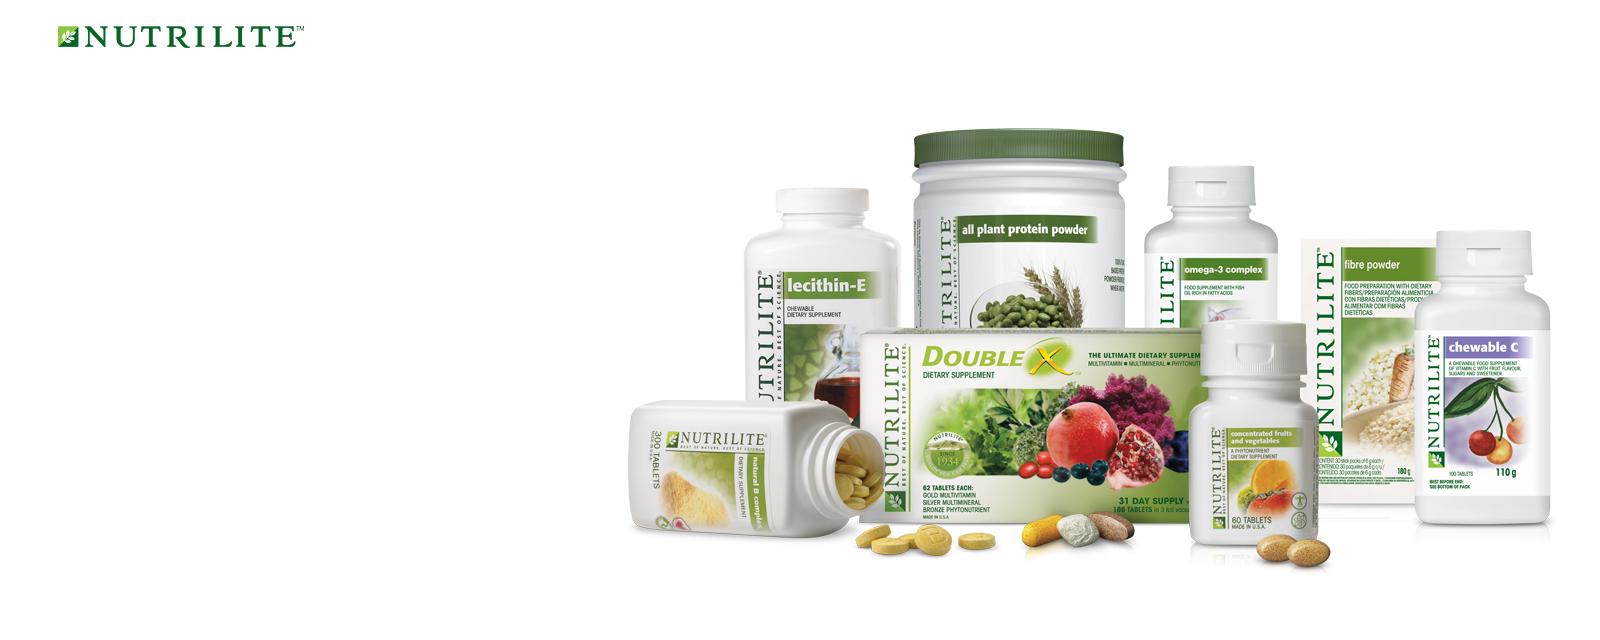 harga produk amway untuk diet